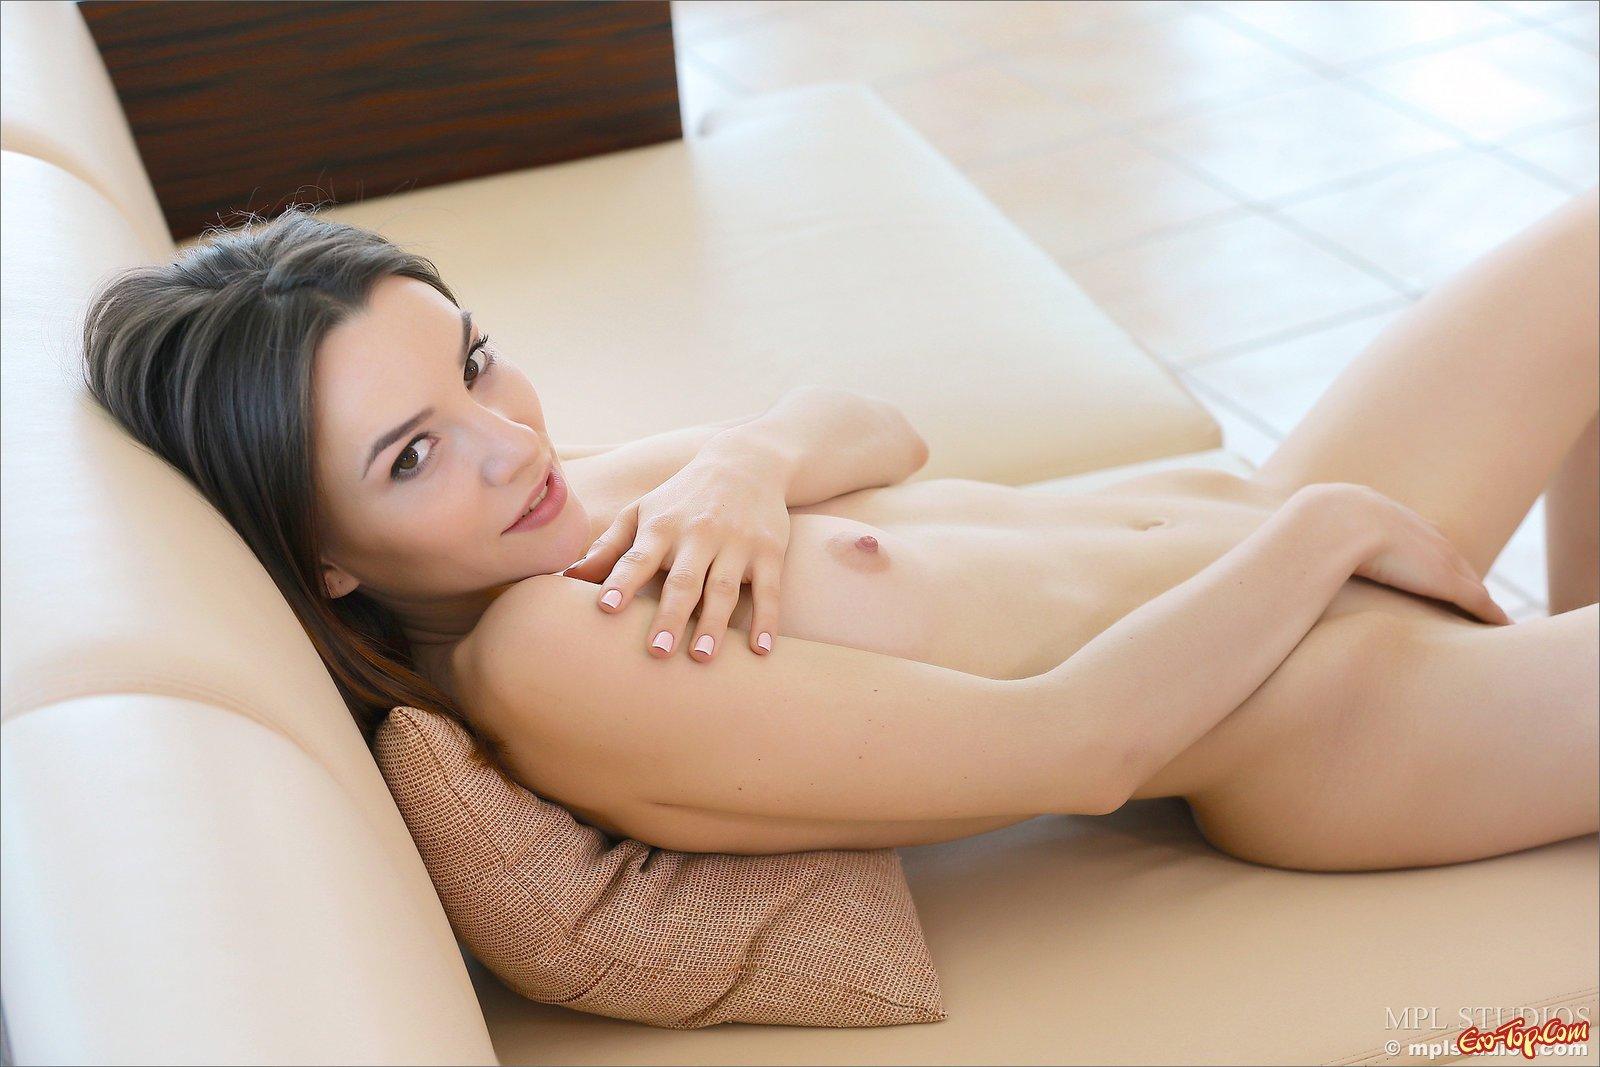 Сожительница обнажила сексапильное туловище на диванчике